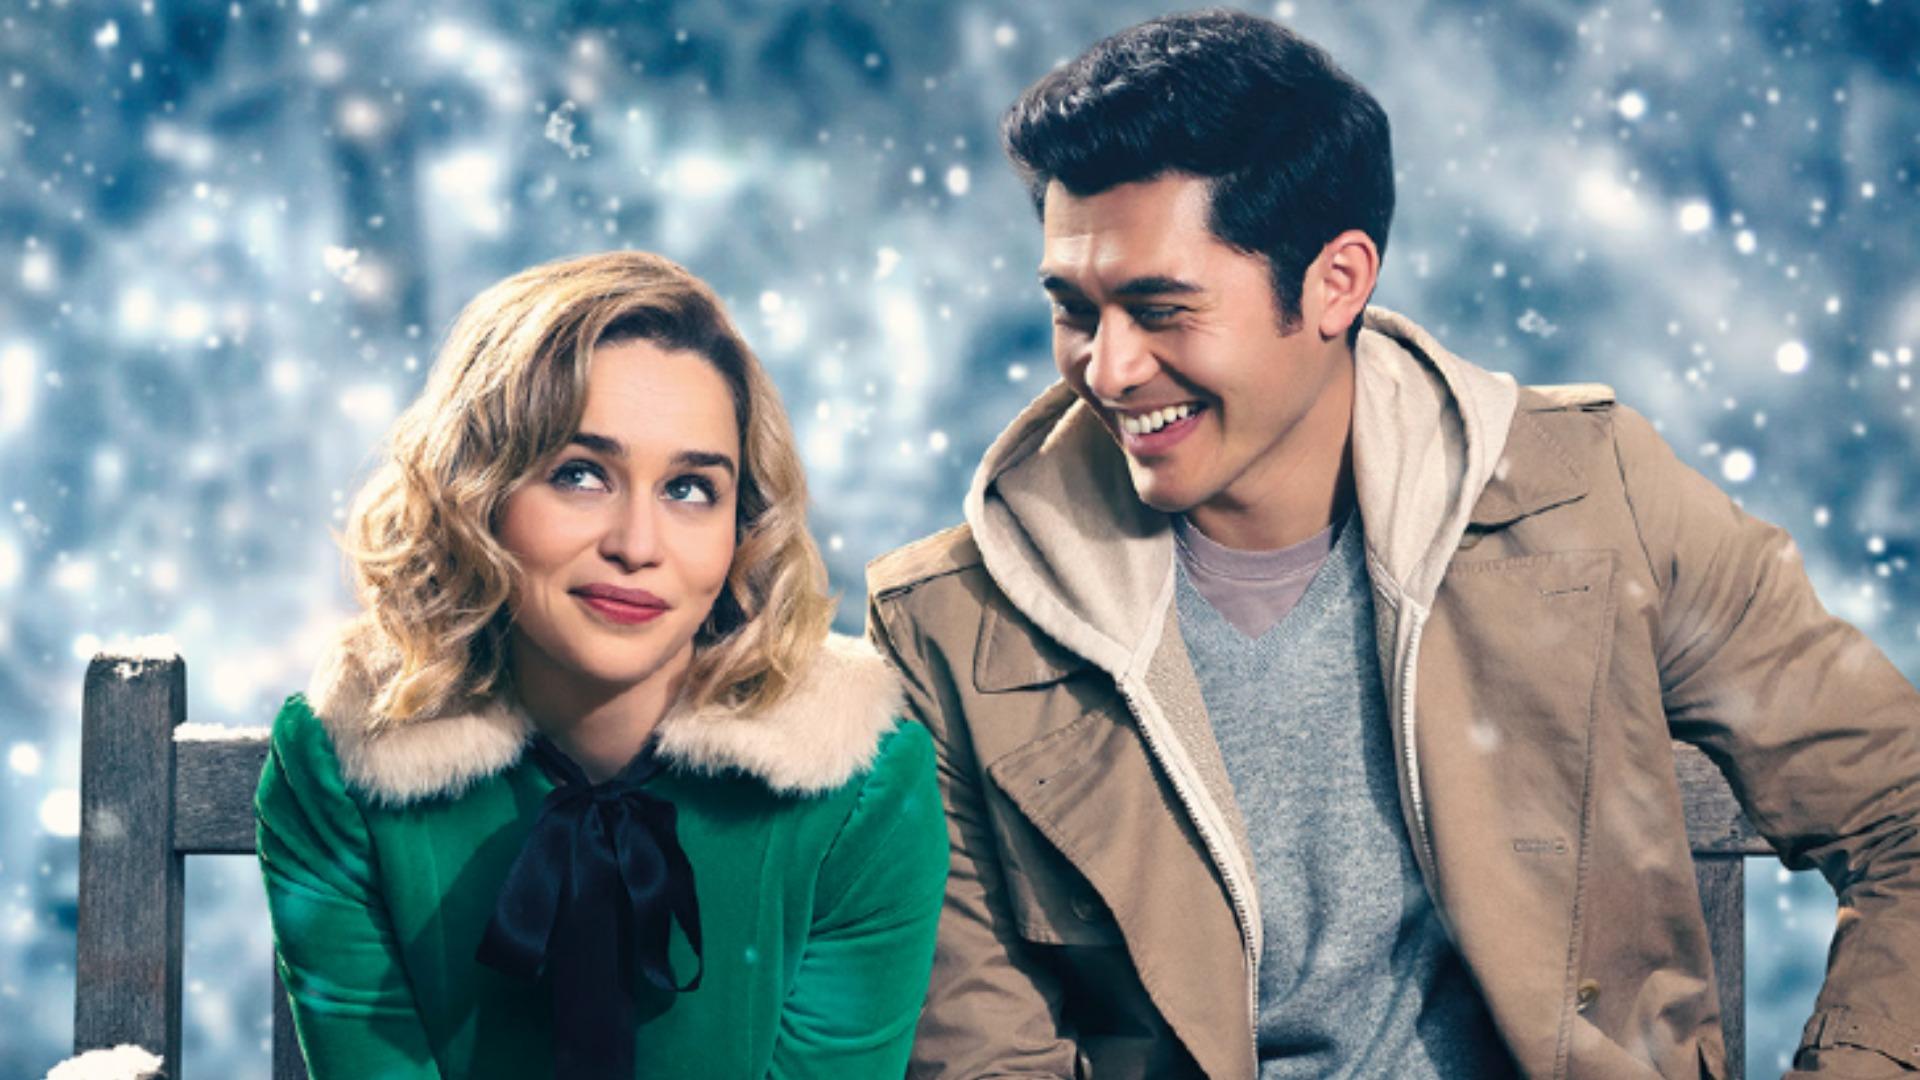 Múlt karácsony: 10 érdekesség, amit nem tudtál a filmről